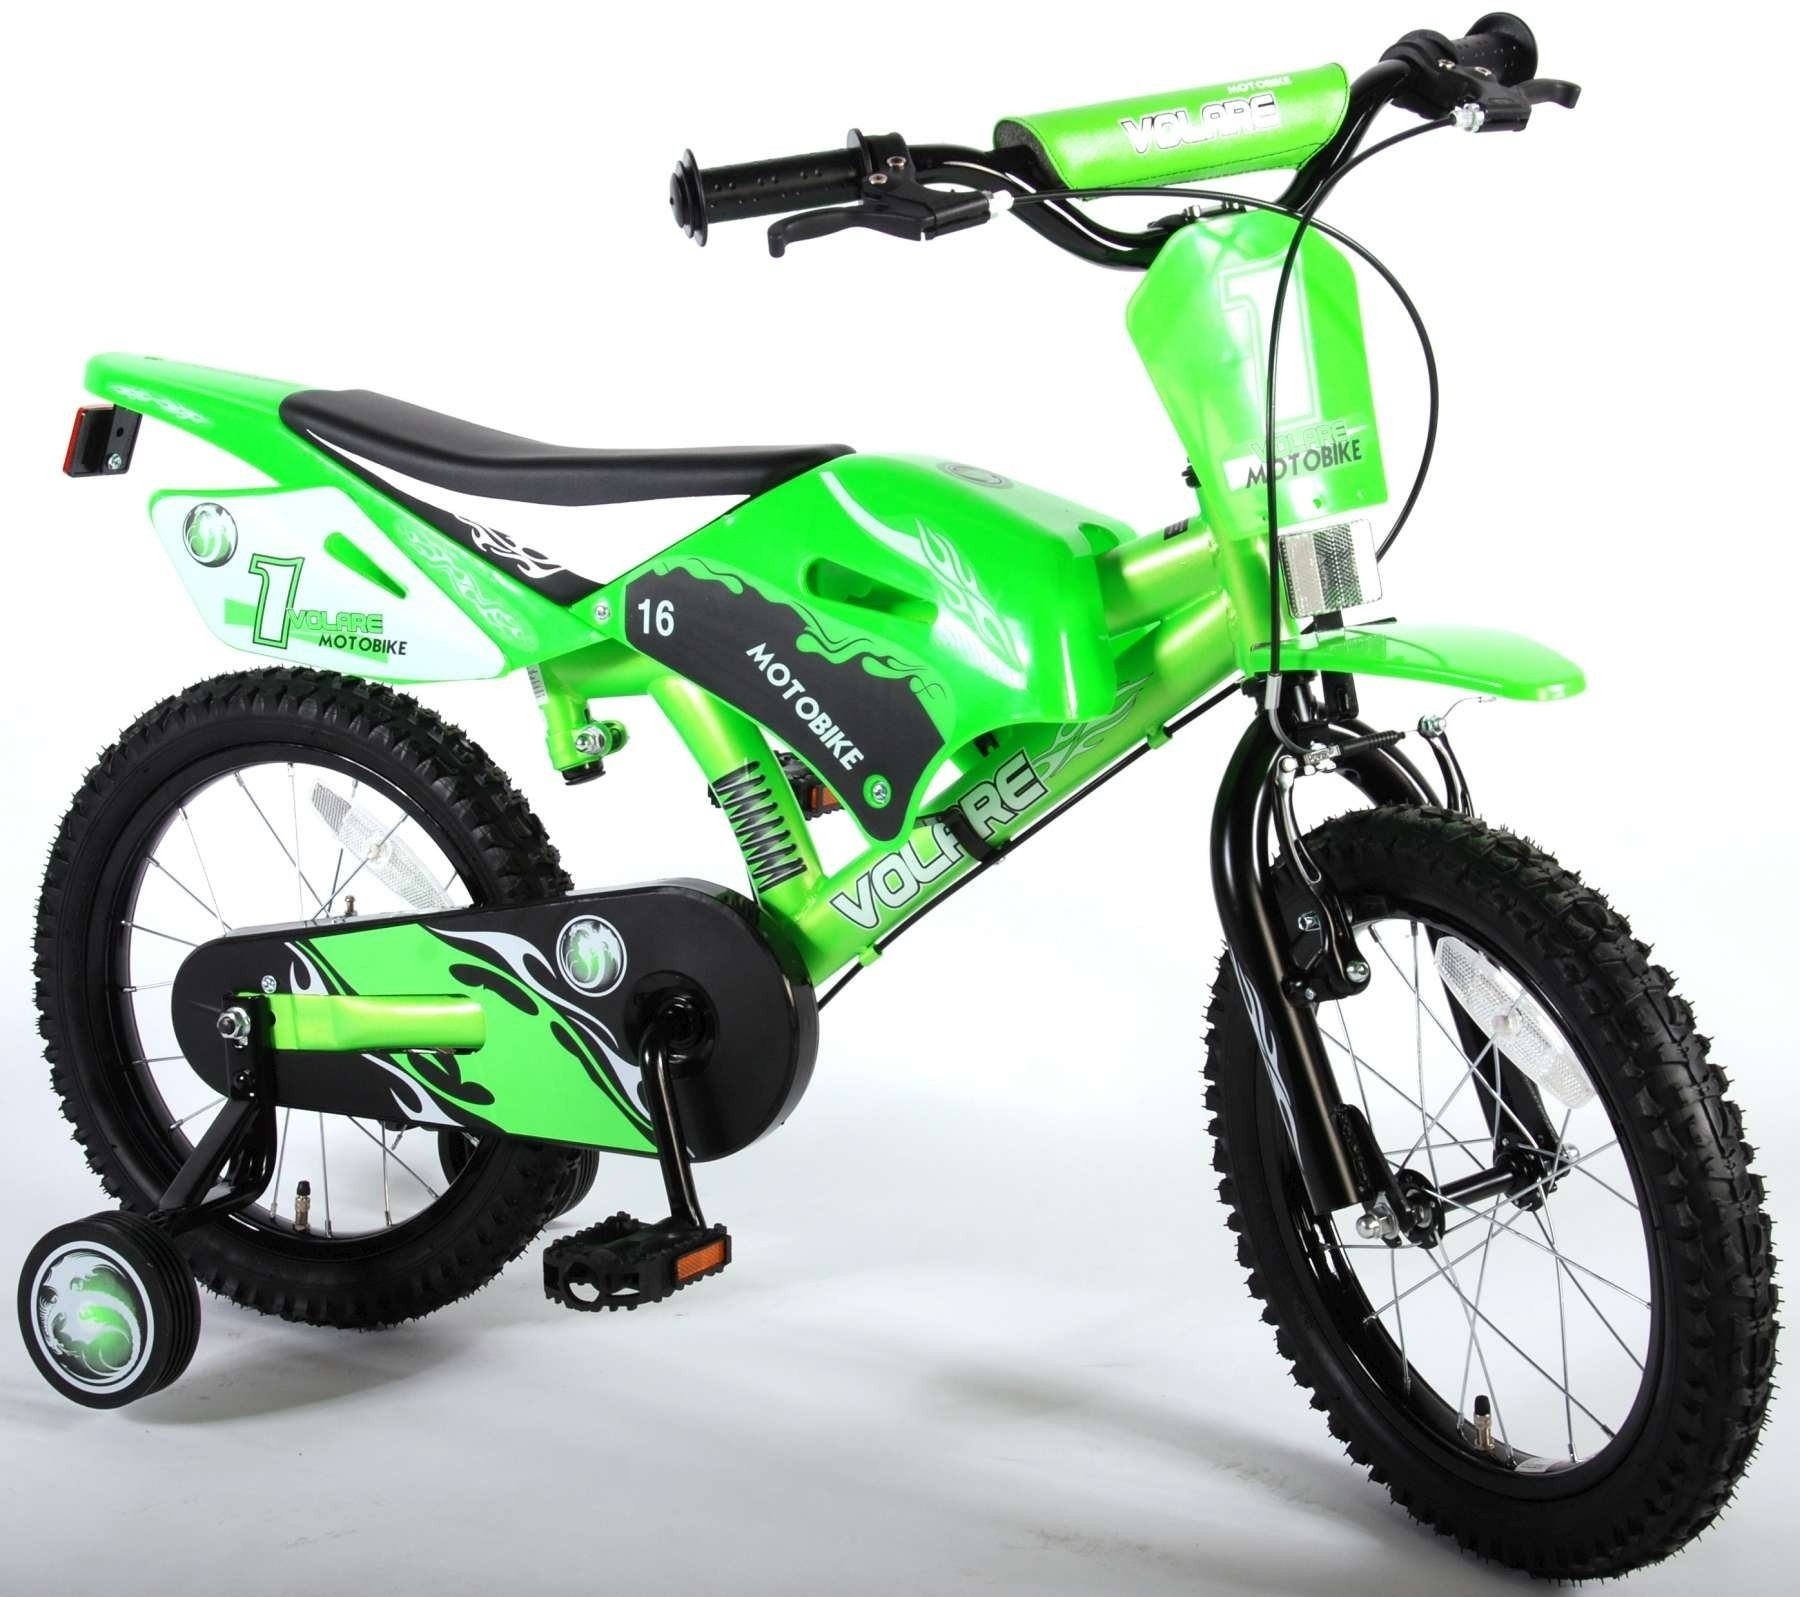 Volare Motorbike 16 inch jongensfiets 61607